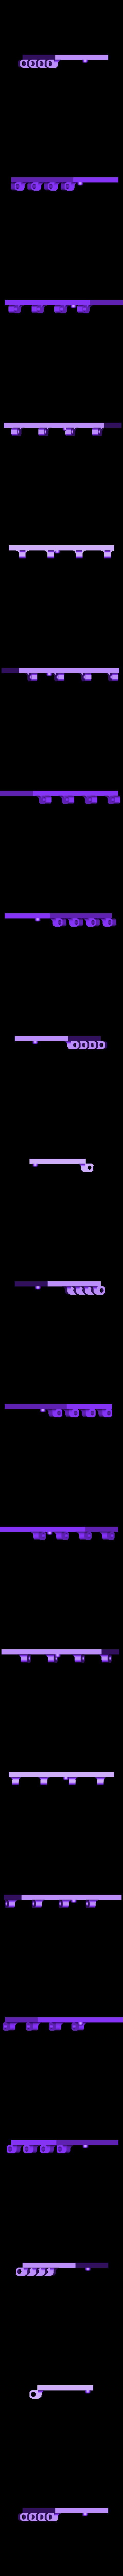 Assembly_House_2_-_Door.stl Télécharger fichier STL gratuit Petit maison en jouet • Design à imprimer en 3D, crprinting